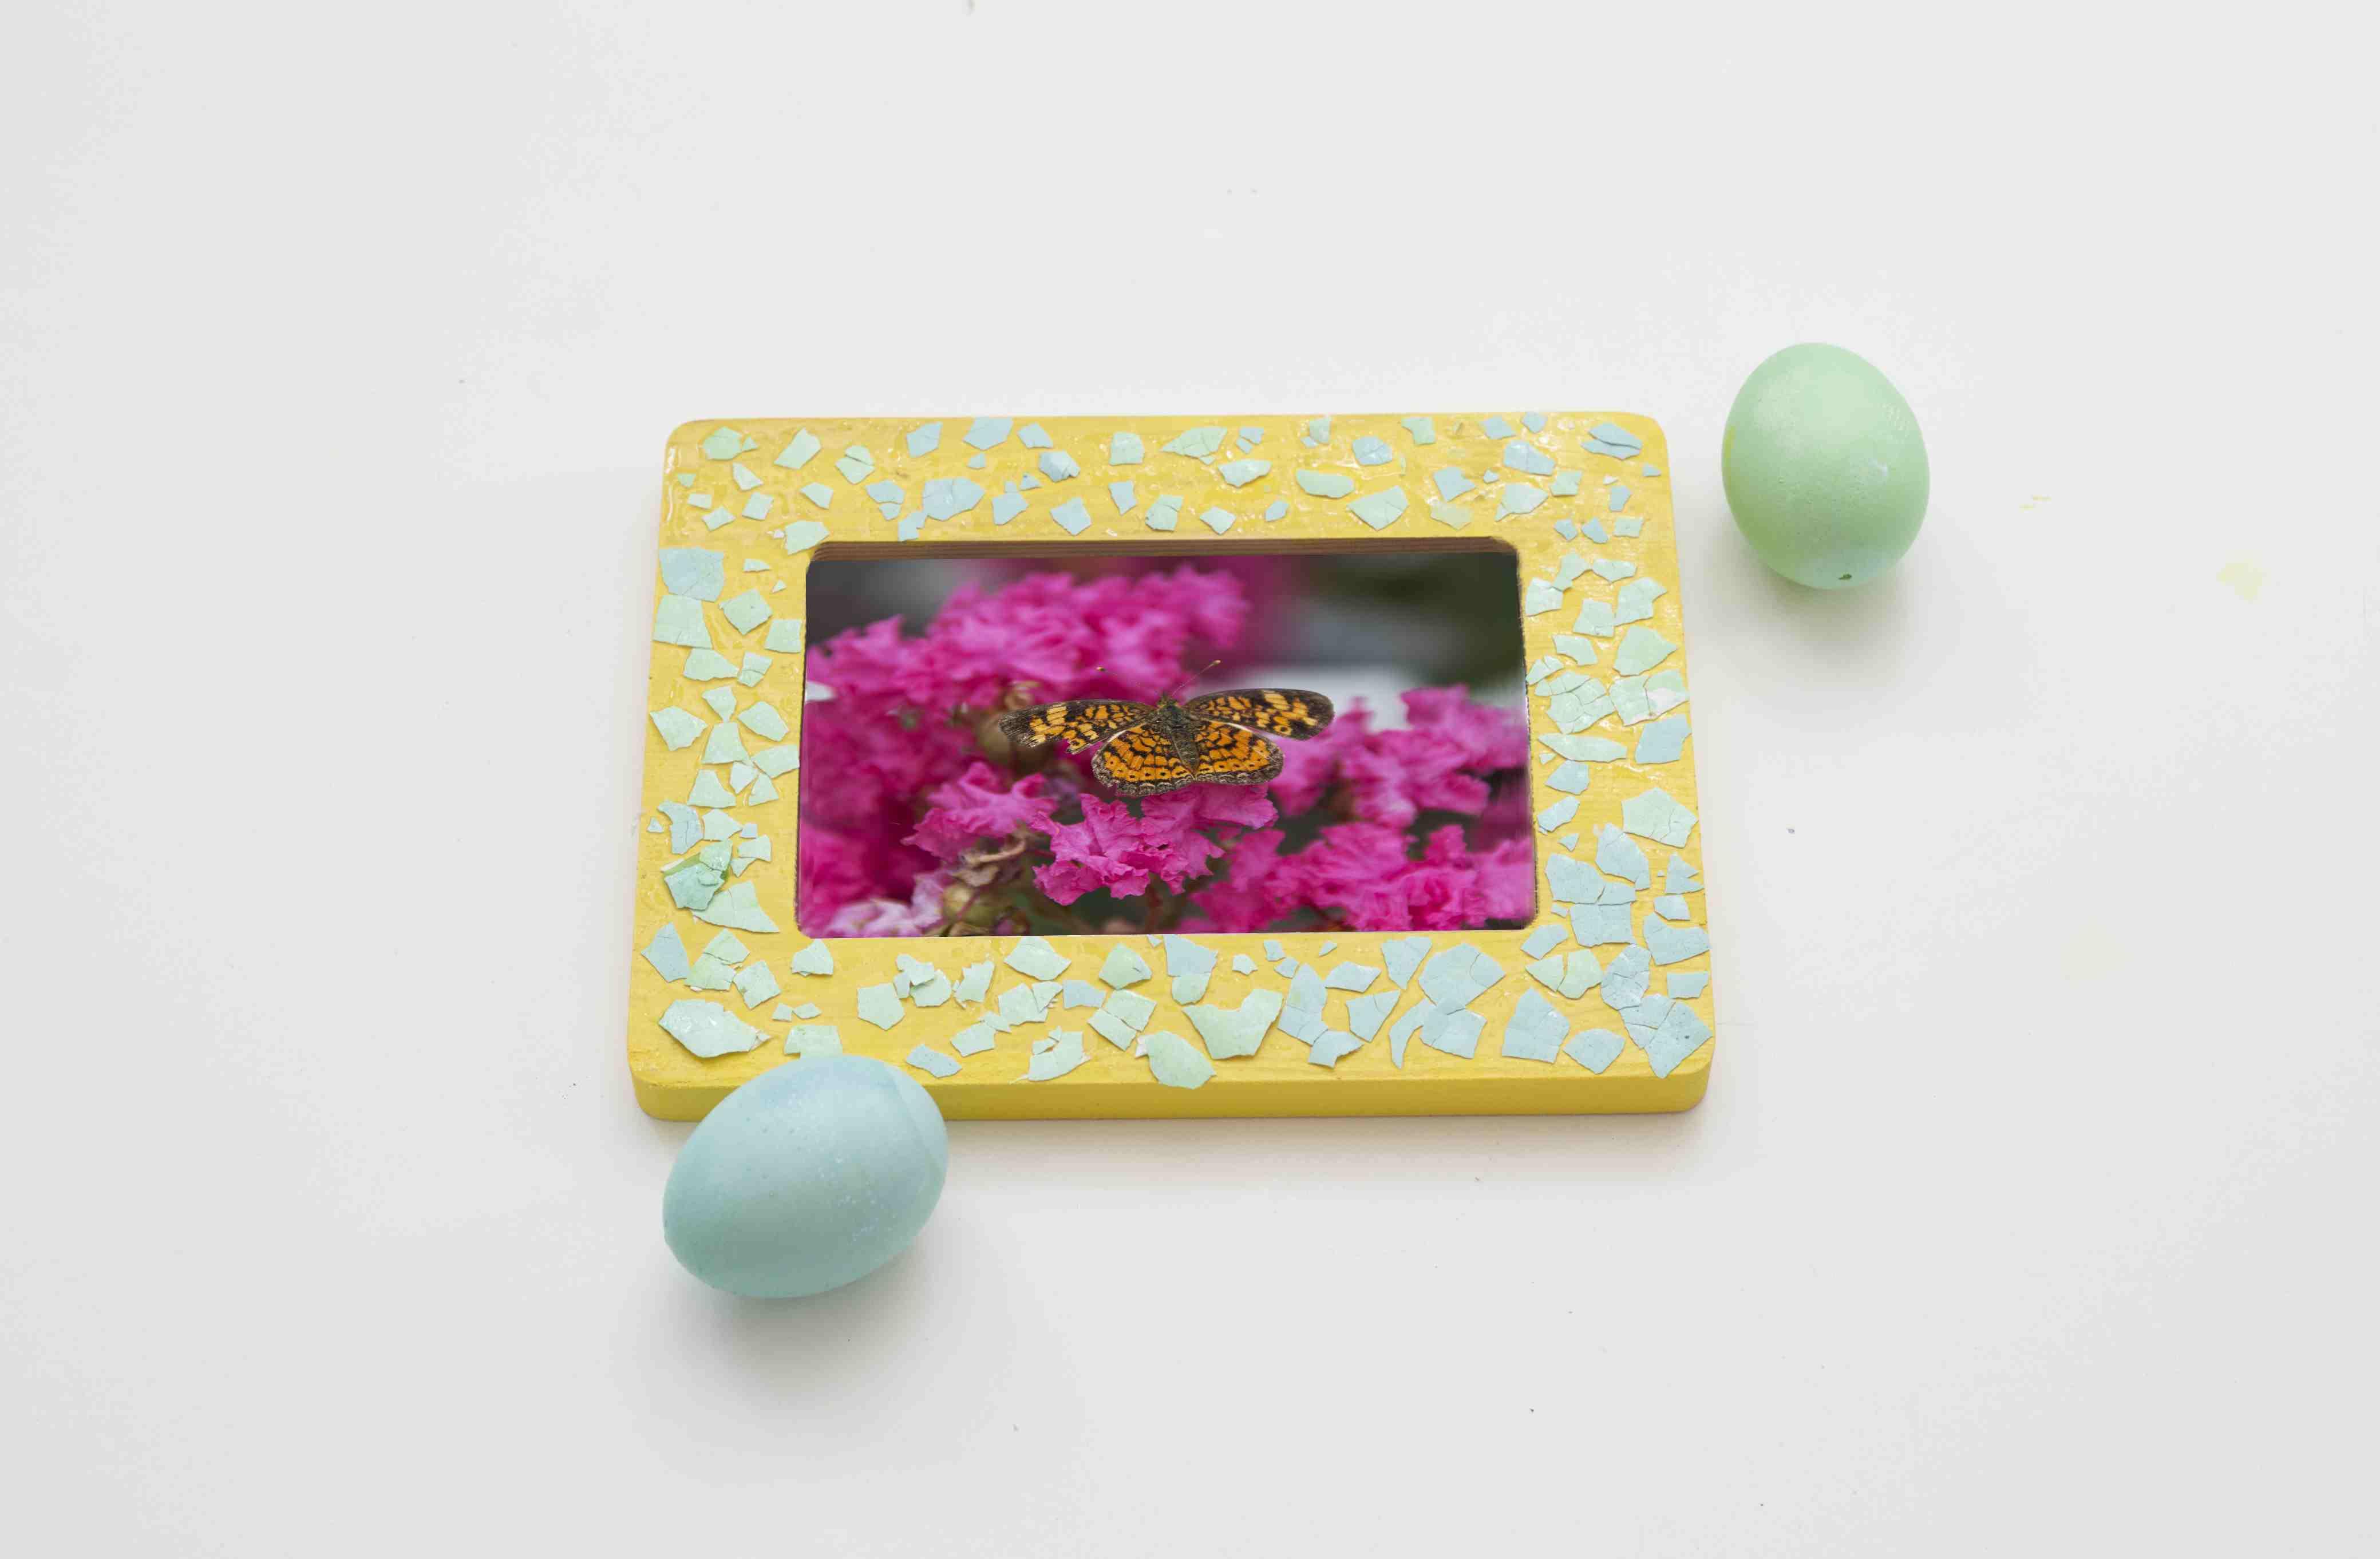 Colorful Egg shell Frame Art